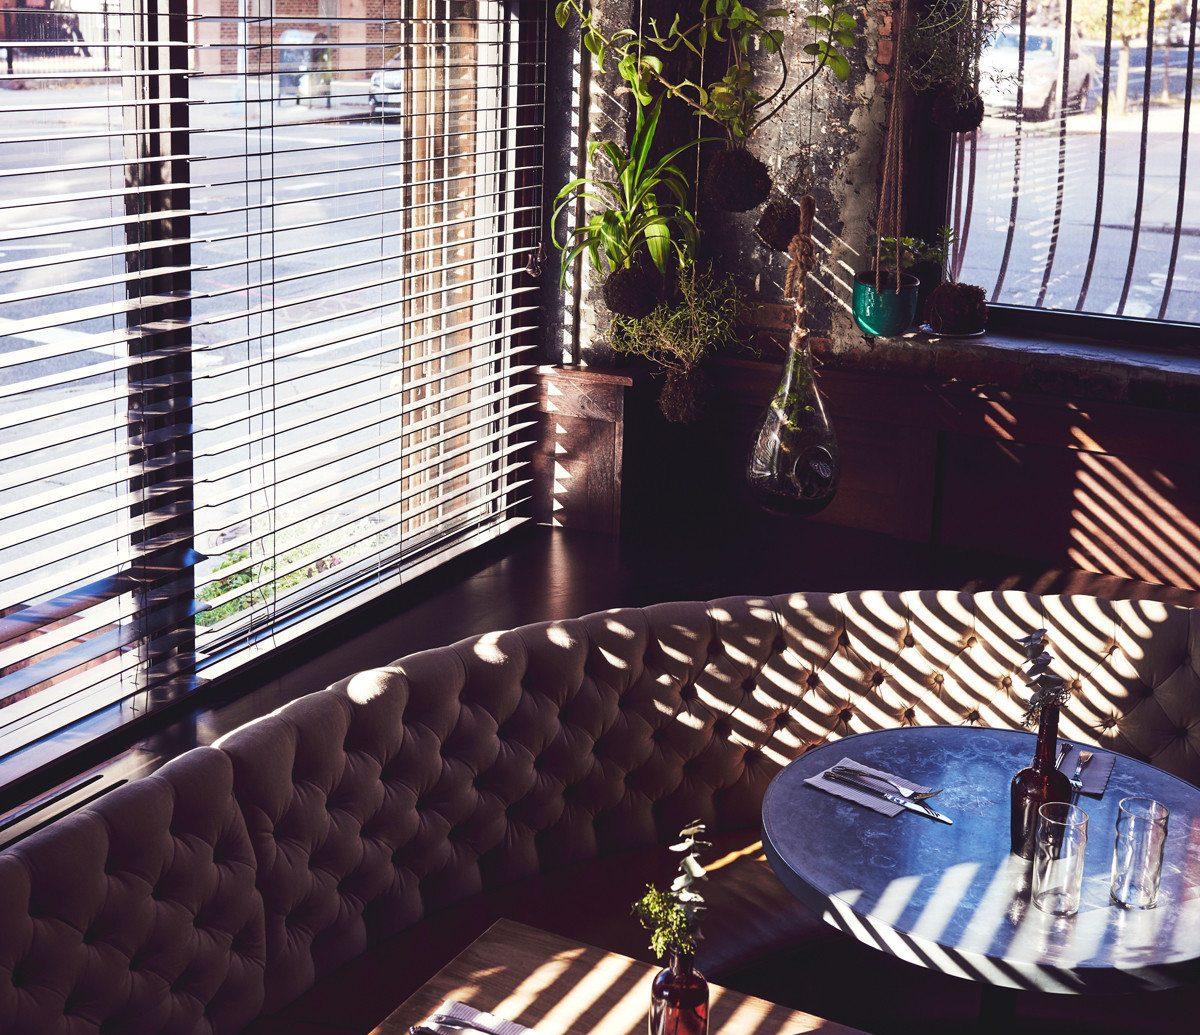 Trip Ideas indoor window building room interior design Design decorated furniture